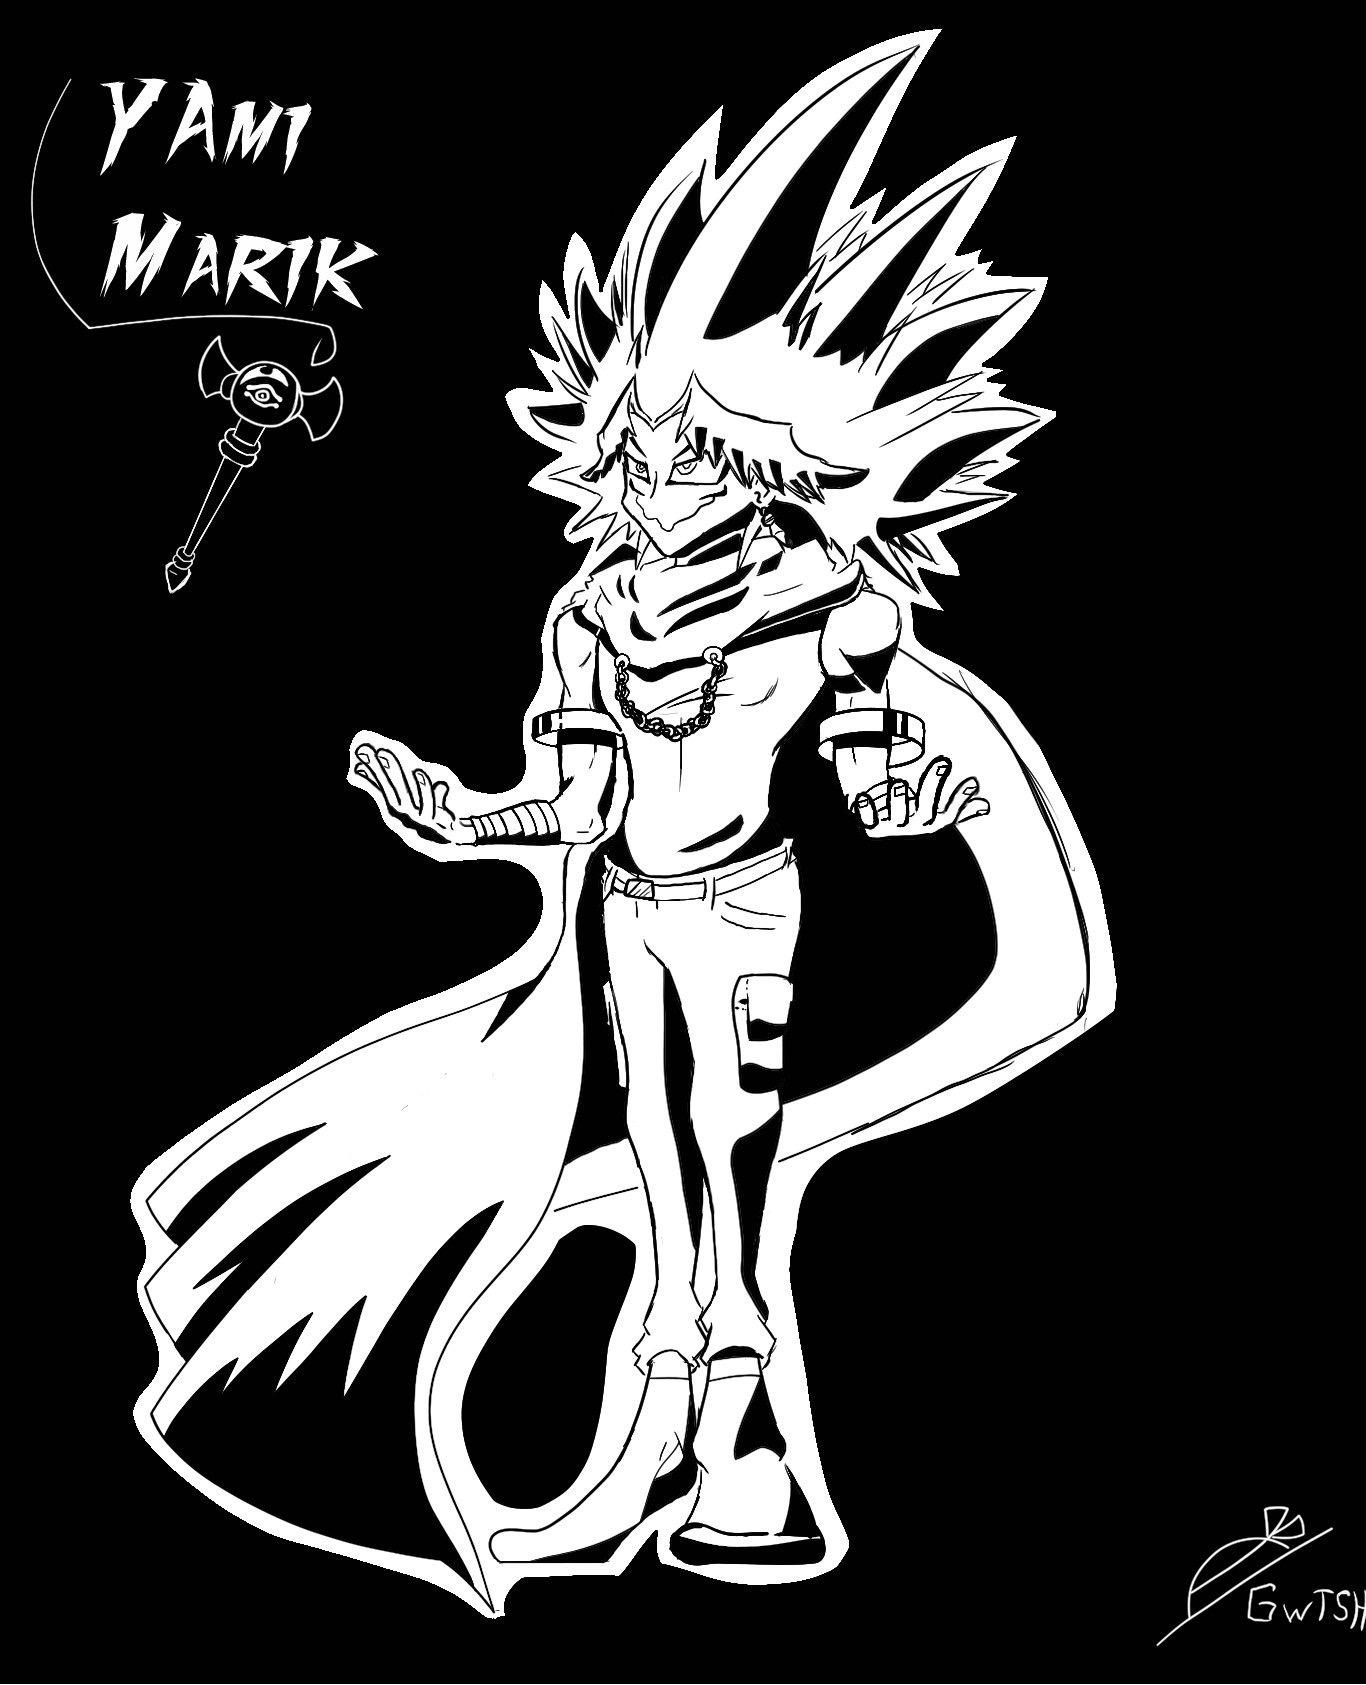 Yami Marik